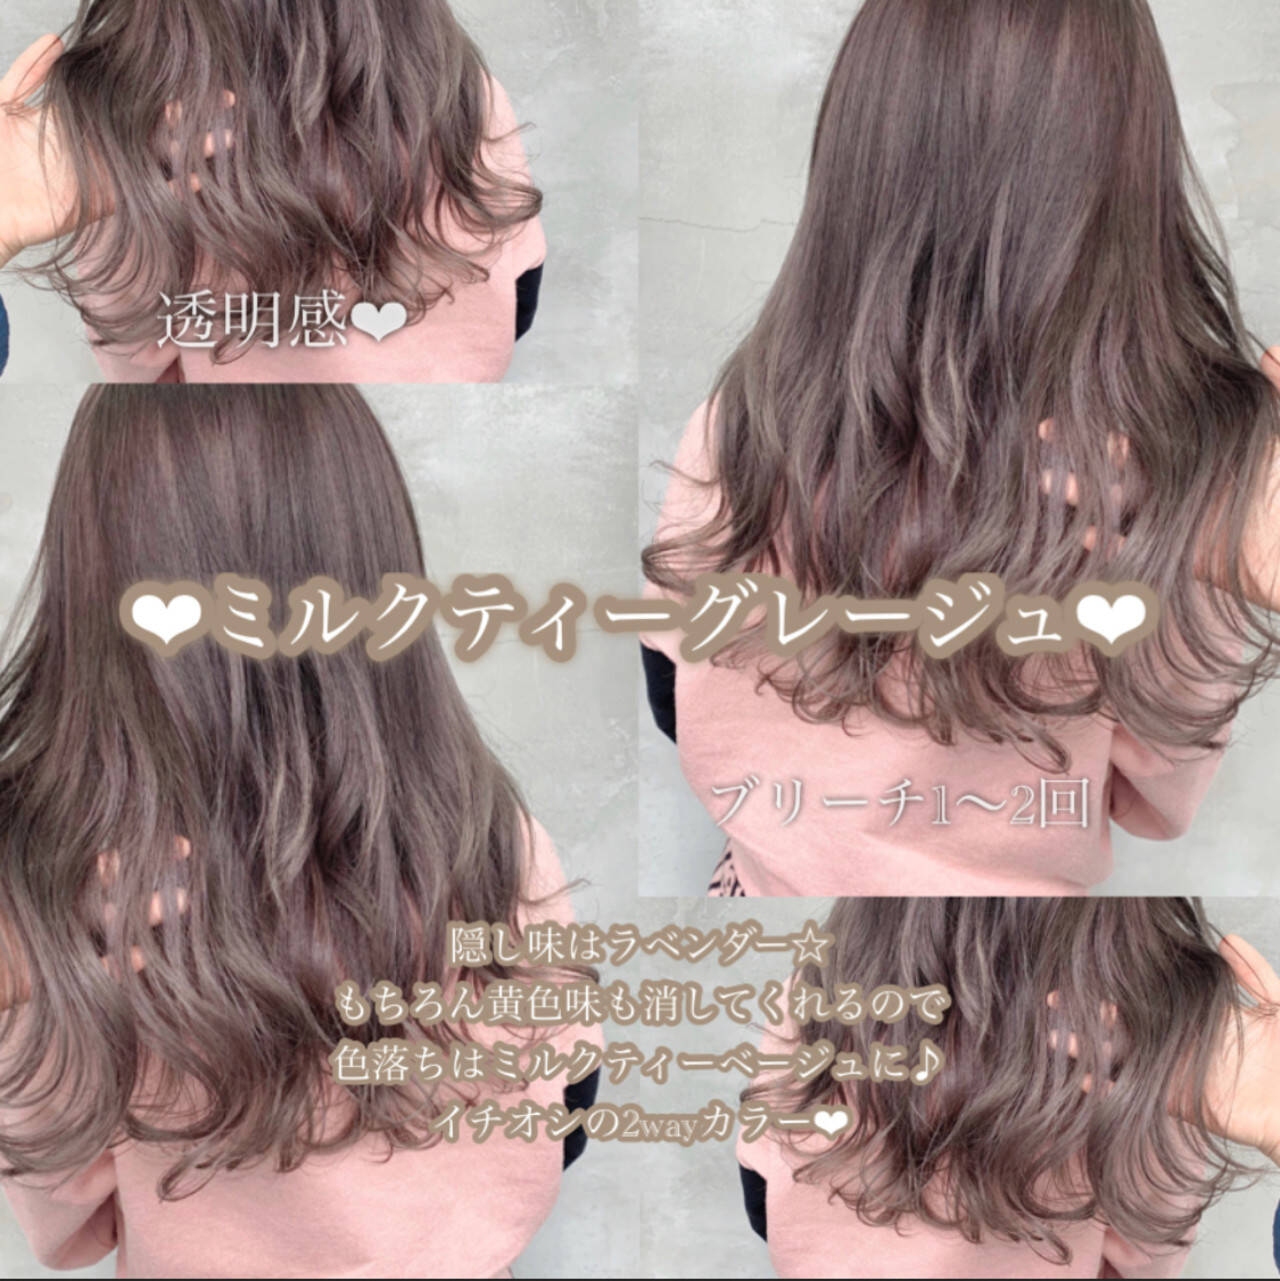 ミルクティーベージュ ブリーチカラー ブリーチ ミルクティーグレージュヘアスタイルや髪型の写真・画像